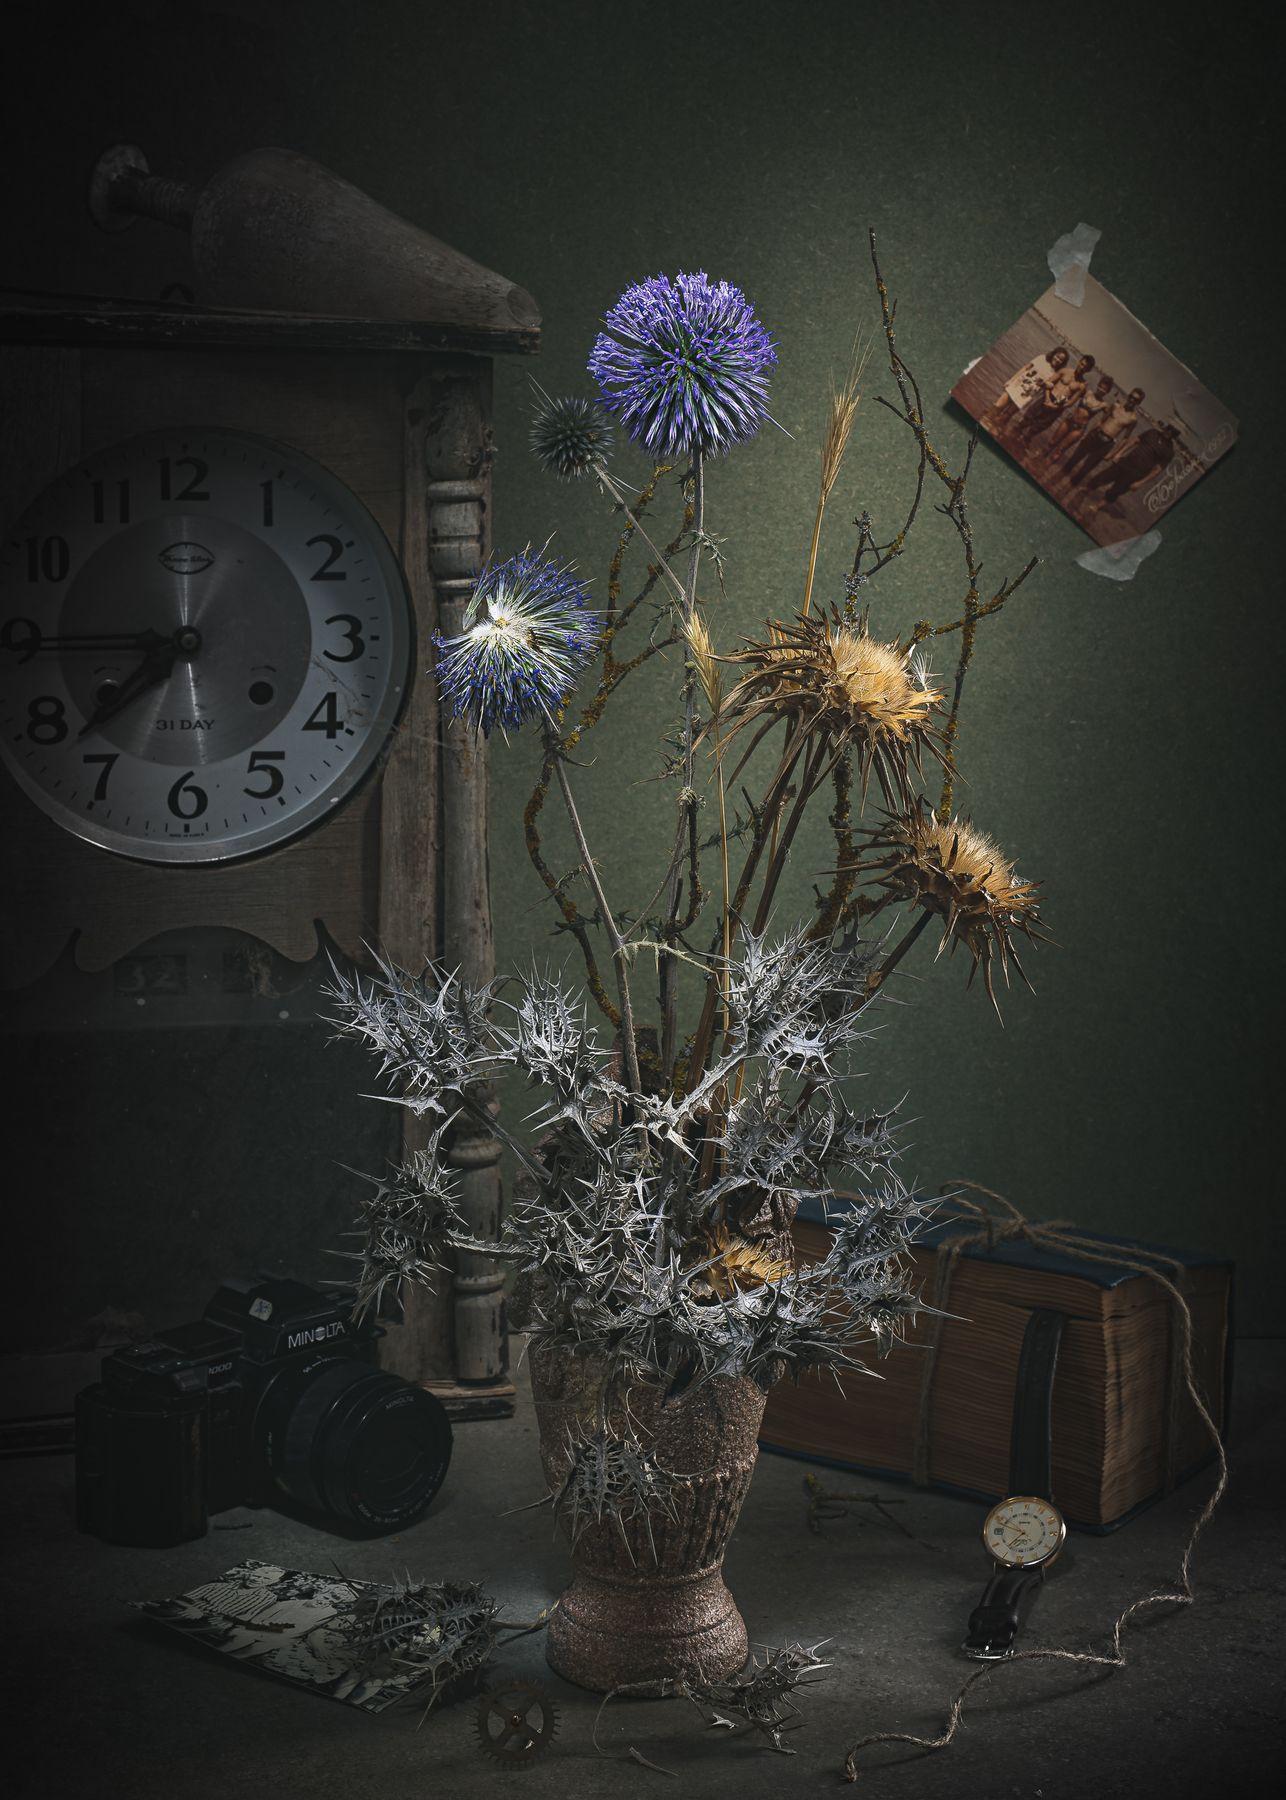 Этажи жизни. Натюрморт часы книга цветы сухие концептуальное фотографии